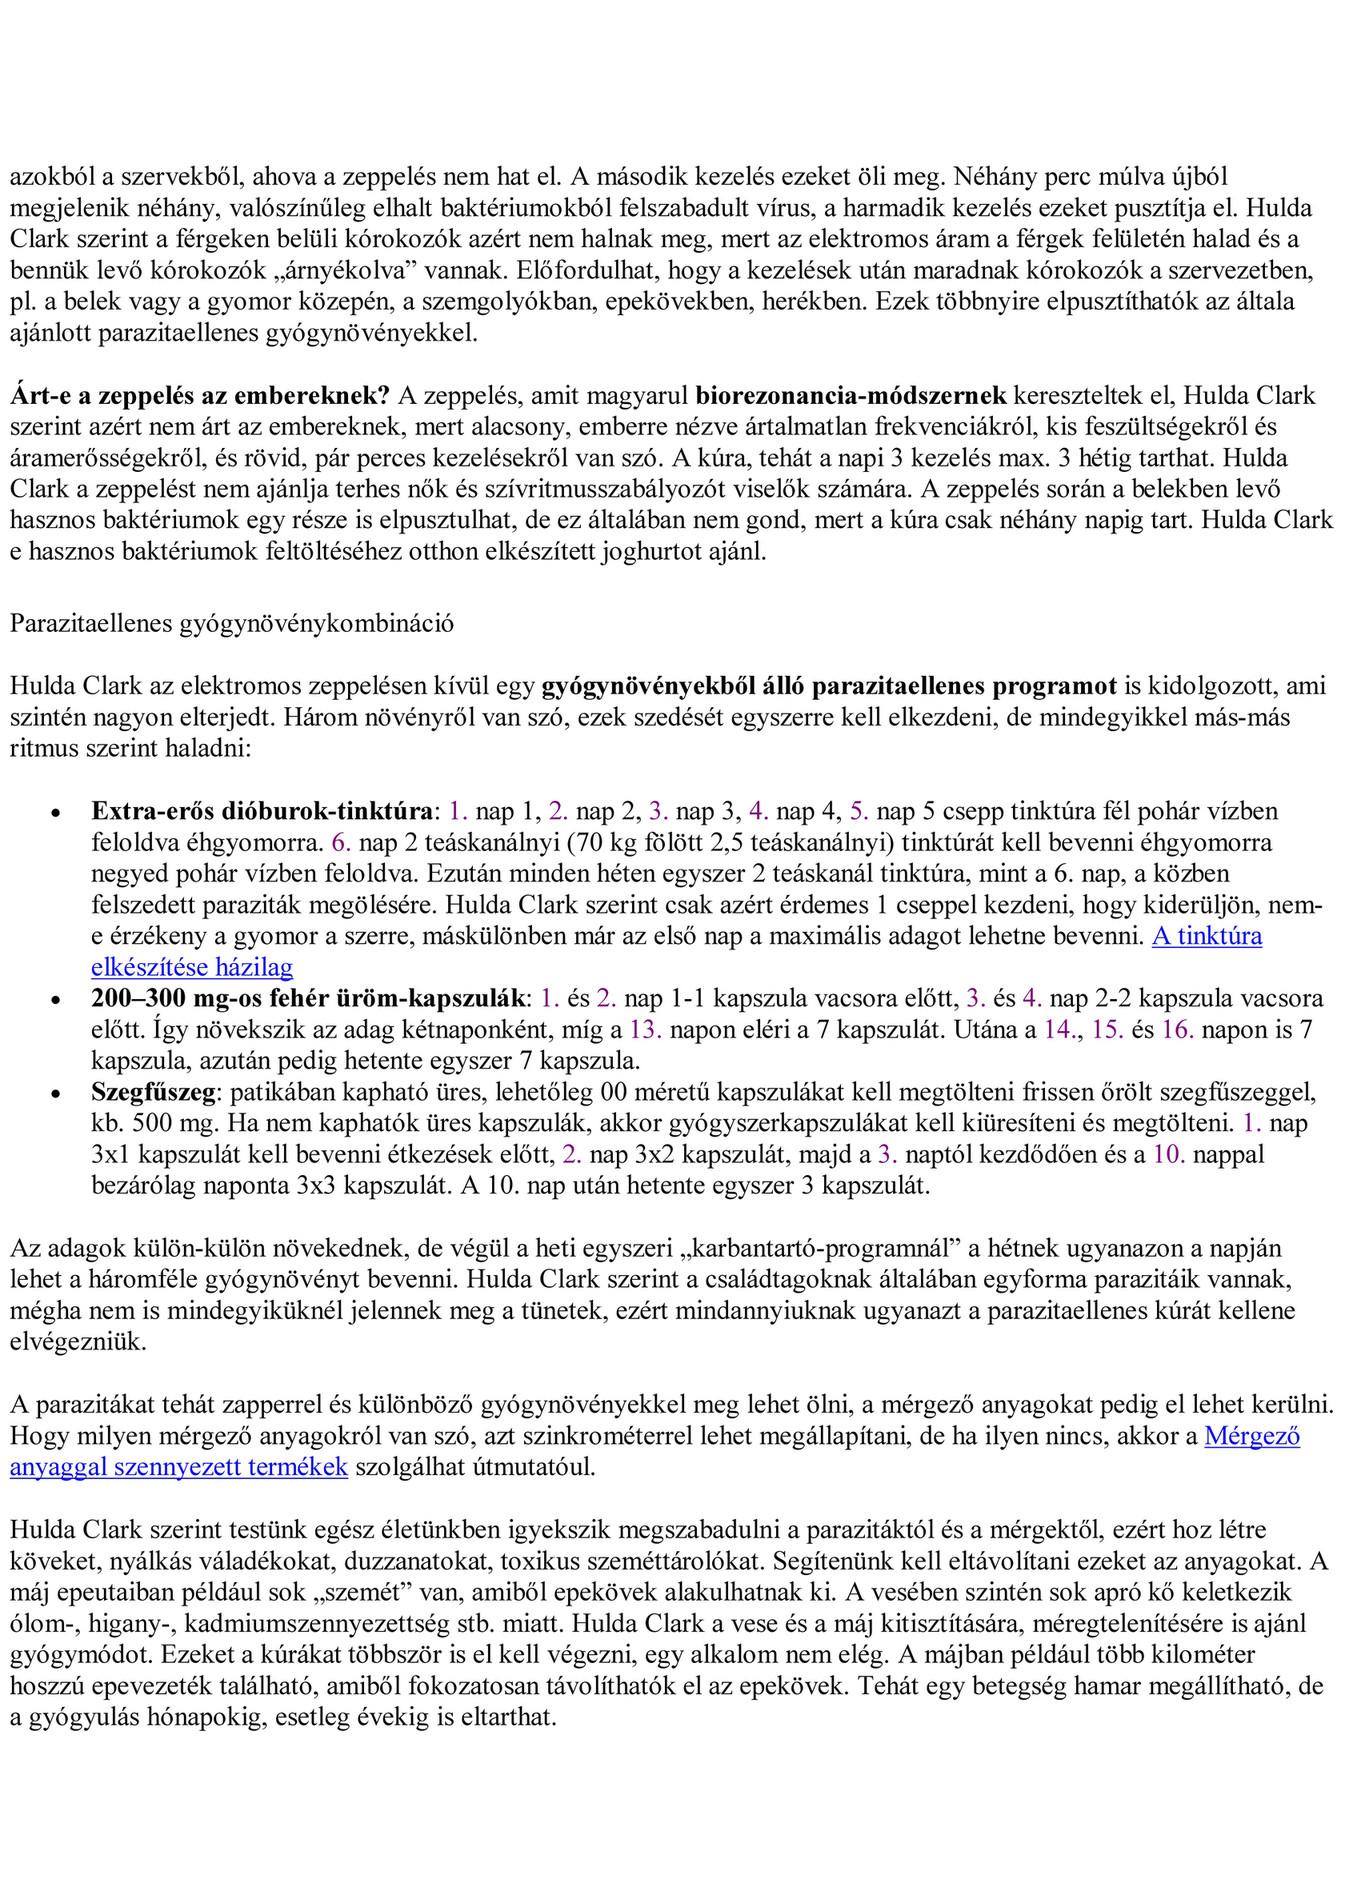 Györgytea Bélféreg, féreghajtás - Györgytea - Betegségkereső Parazitaellenes termékek a bőrre